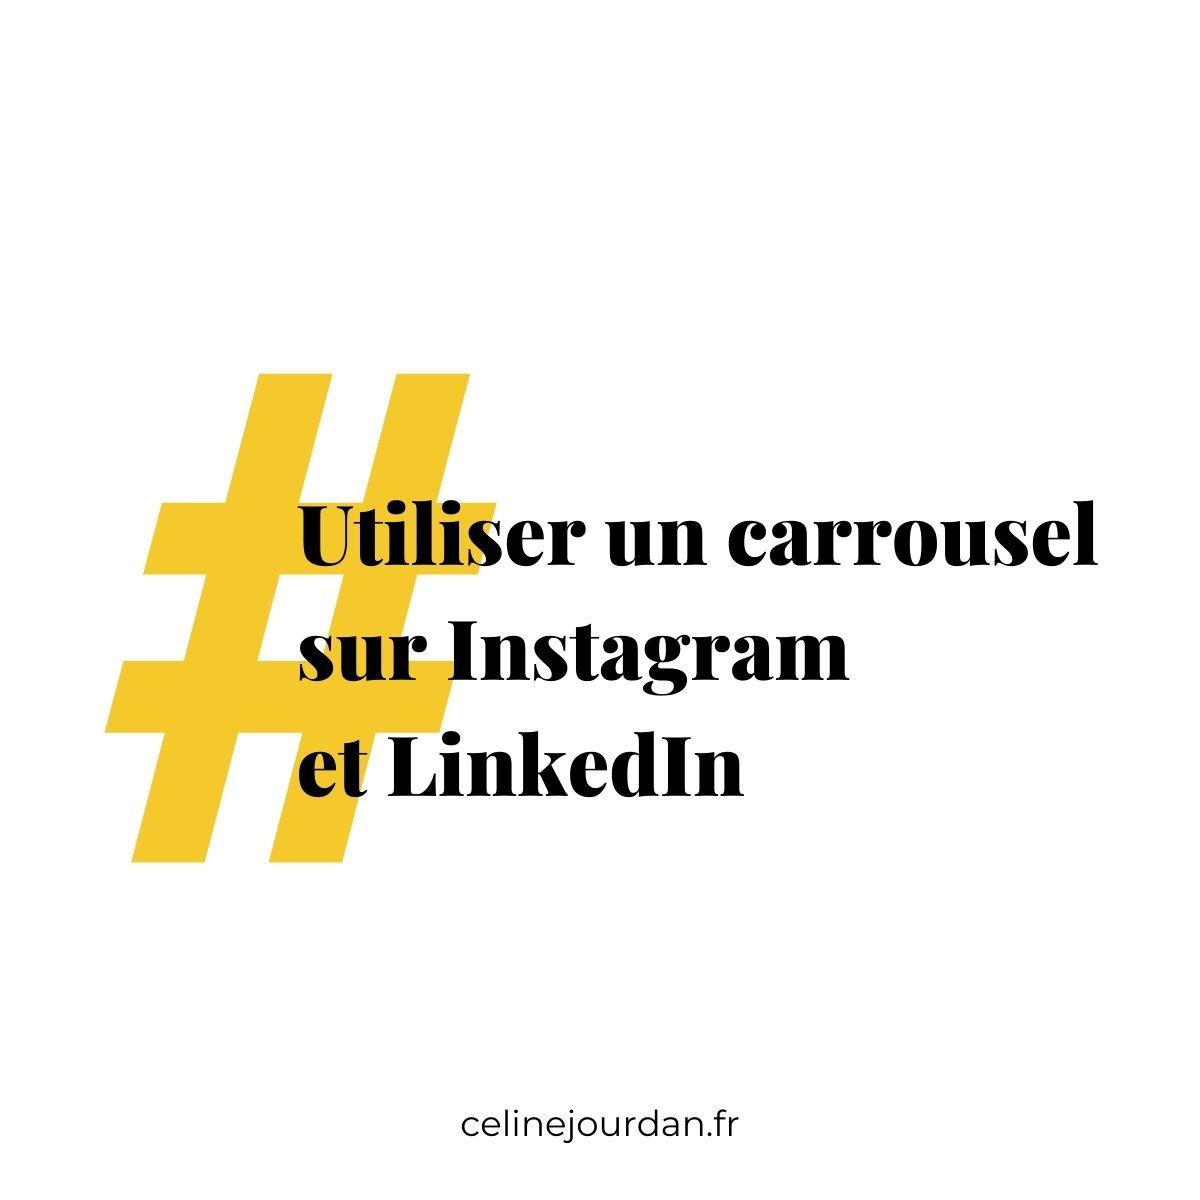 Utiliser un carrousel sur Instagram et LinkedIn